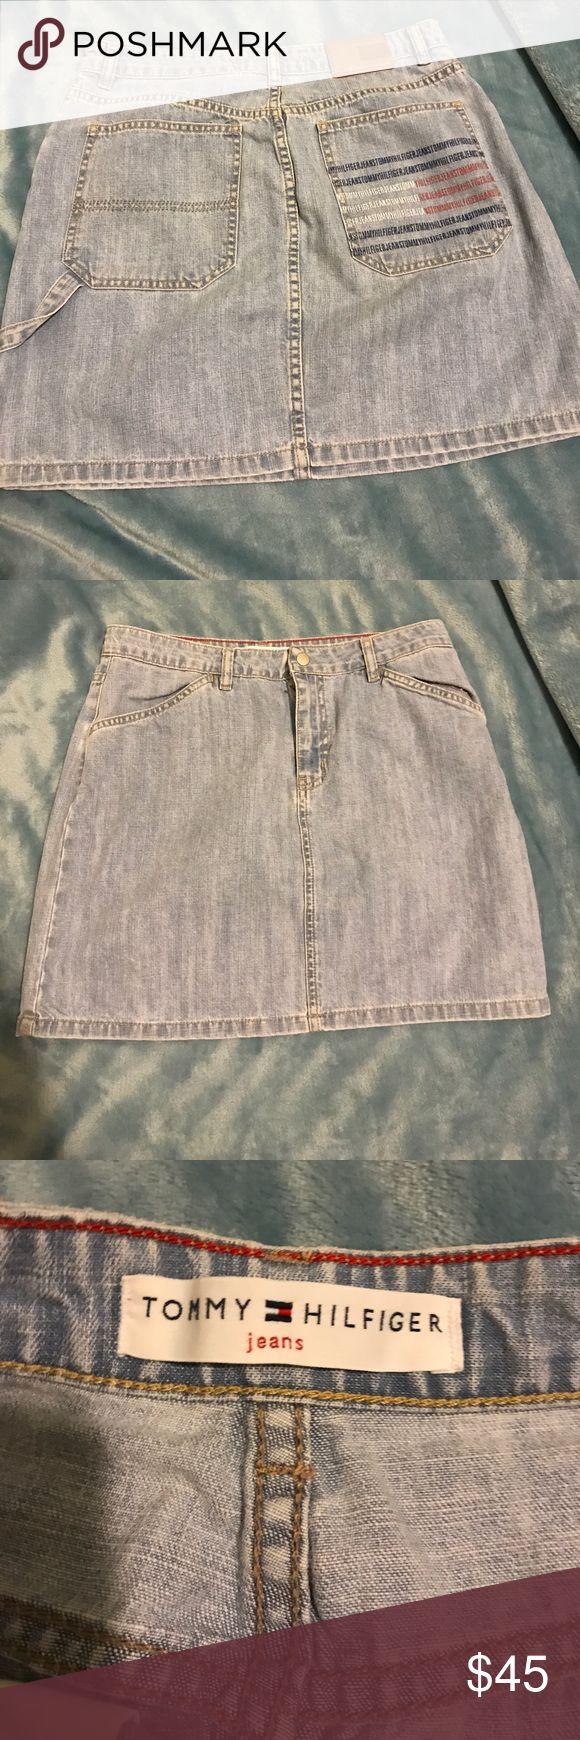 Vintage Tommy Hilfiger Jean Skirt W/ logo Pocket Vintage Tommy Hilfiger Jean Skirt With Branding on Rigyt Pocket Tommy Hilfiger Skirts